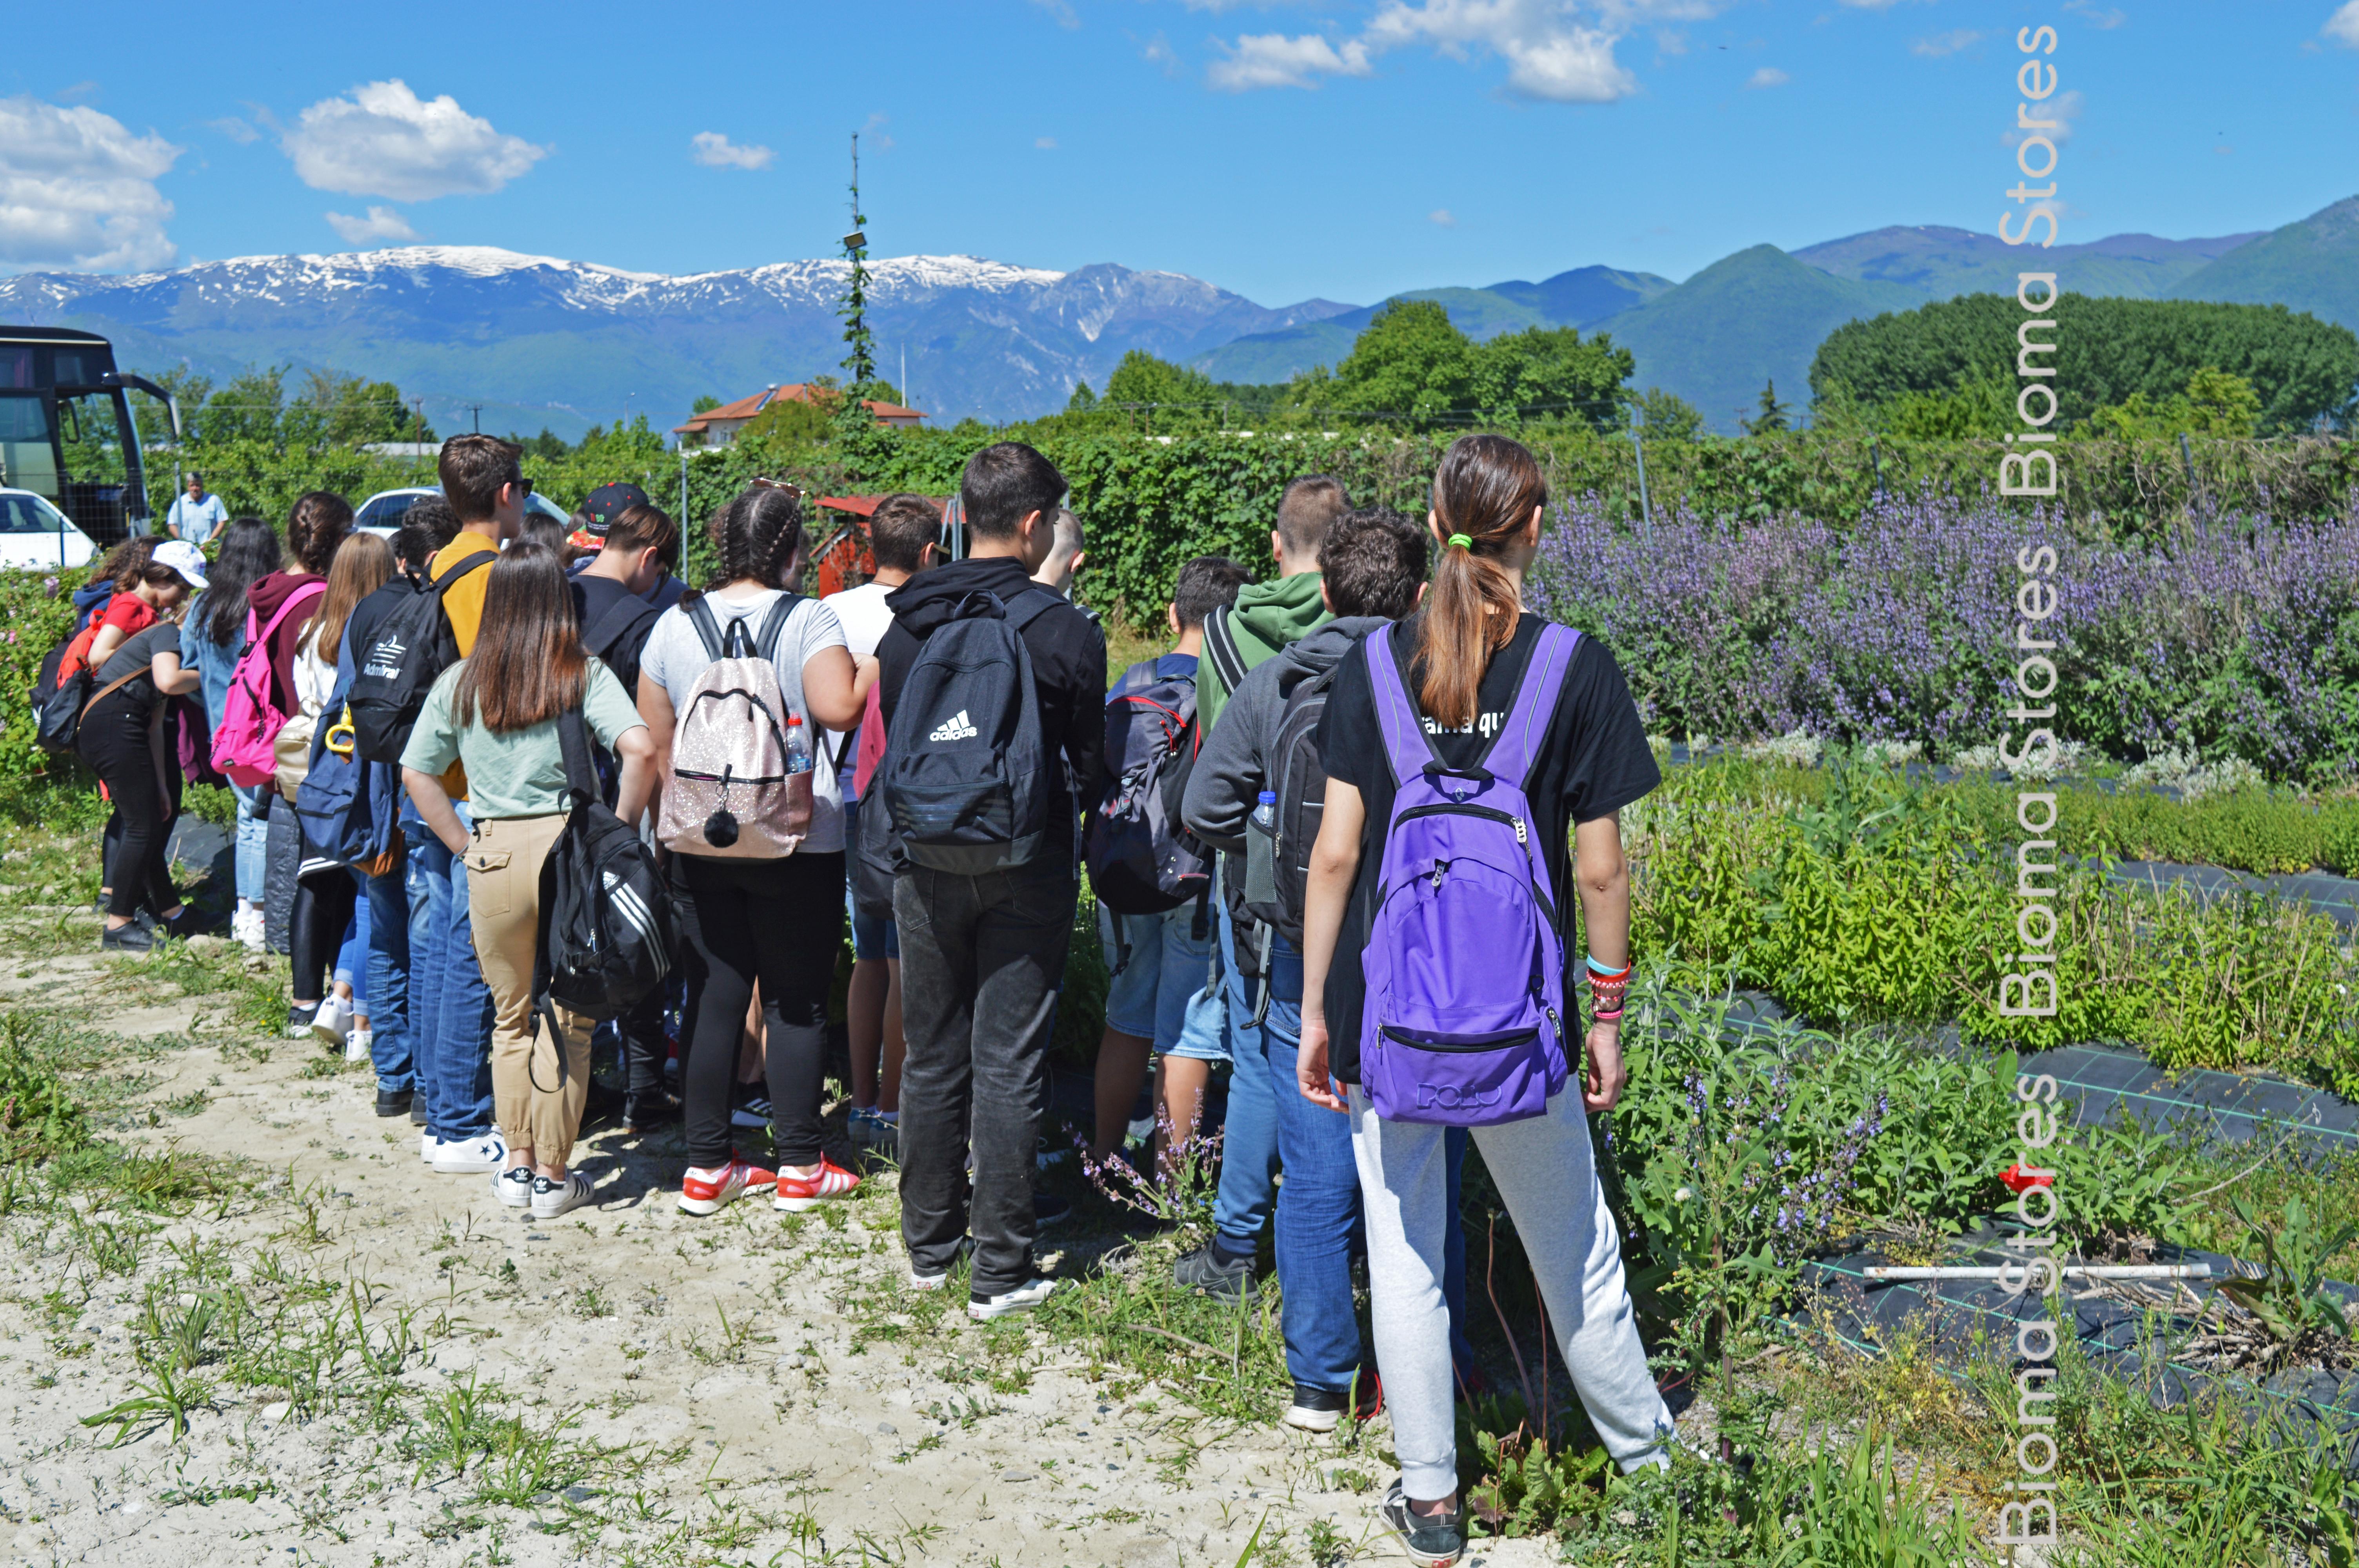 Επίσκεψη μαθητών στο φυτώριο